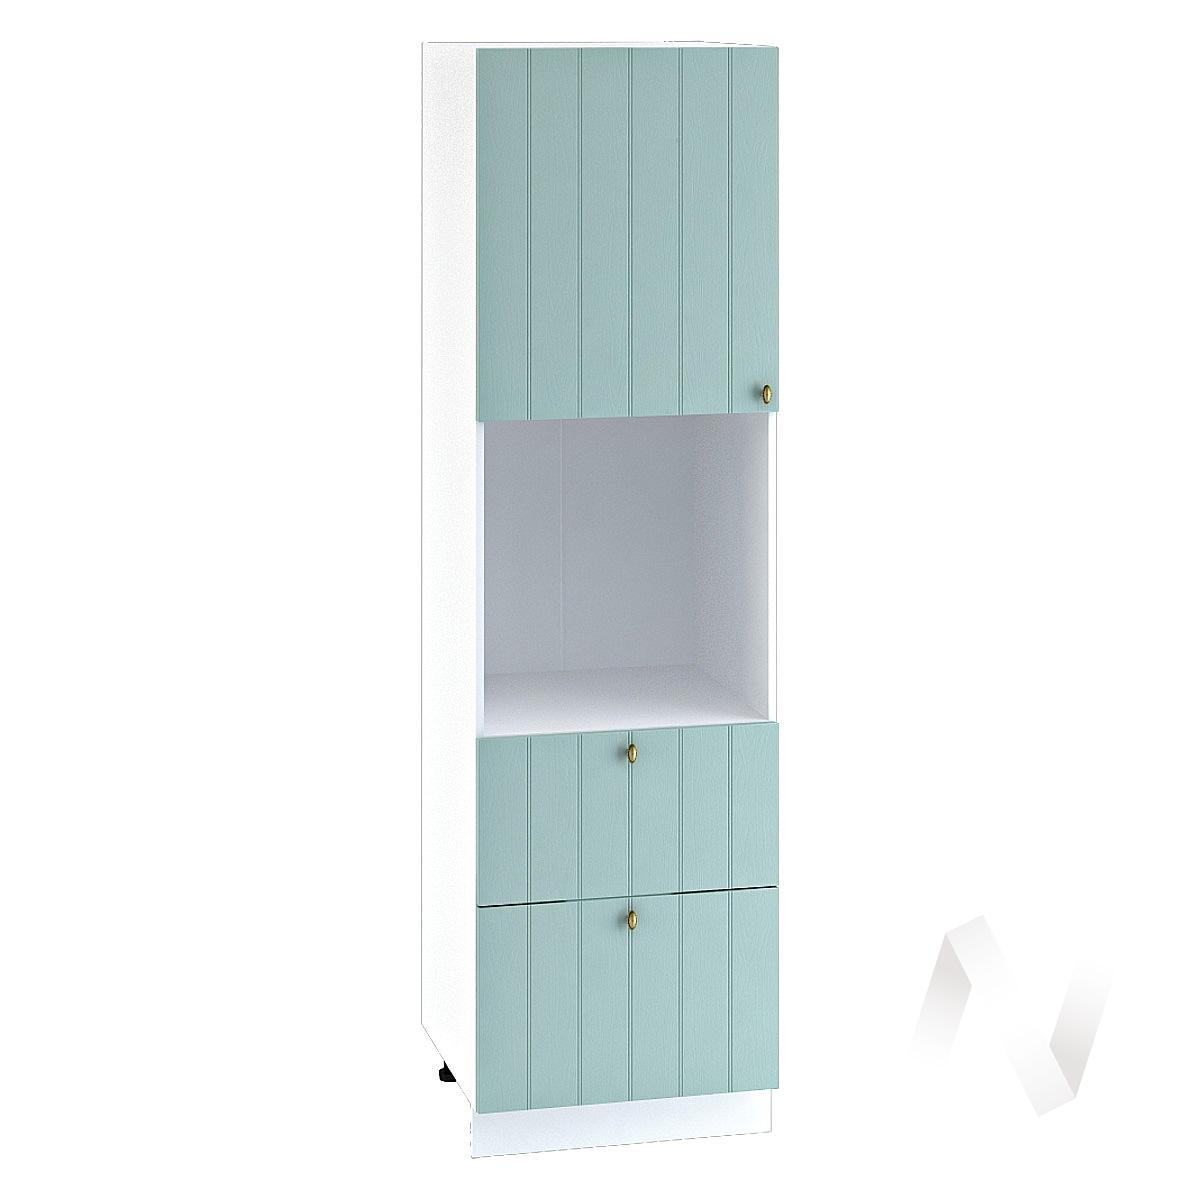 """Кухня """"Прованс"""": Шкаф пенал с 2-мя ящиками 600, ШП2Я 600 (голубой/корпус белый)"""